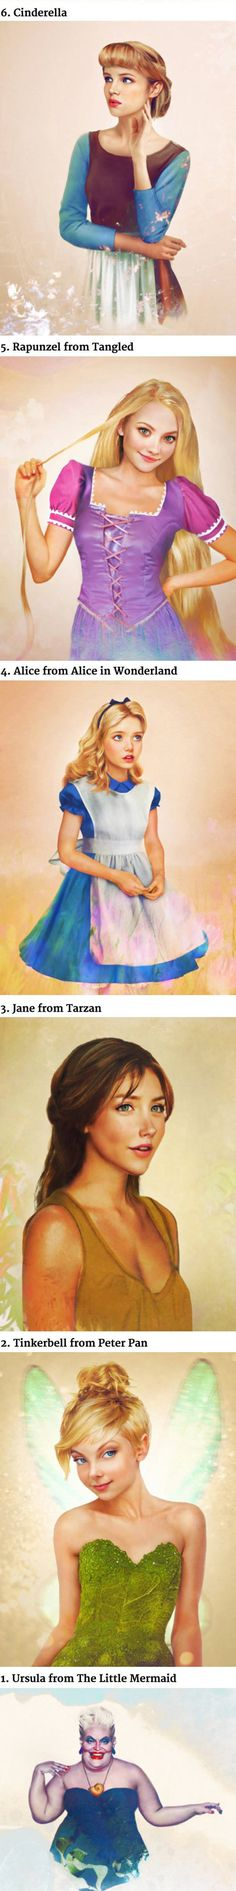 Woah. Disney Princesses in real life. Genius artist.